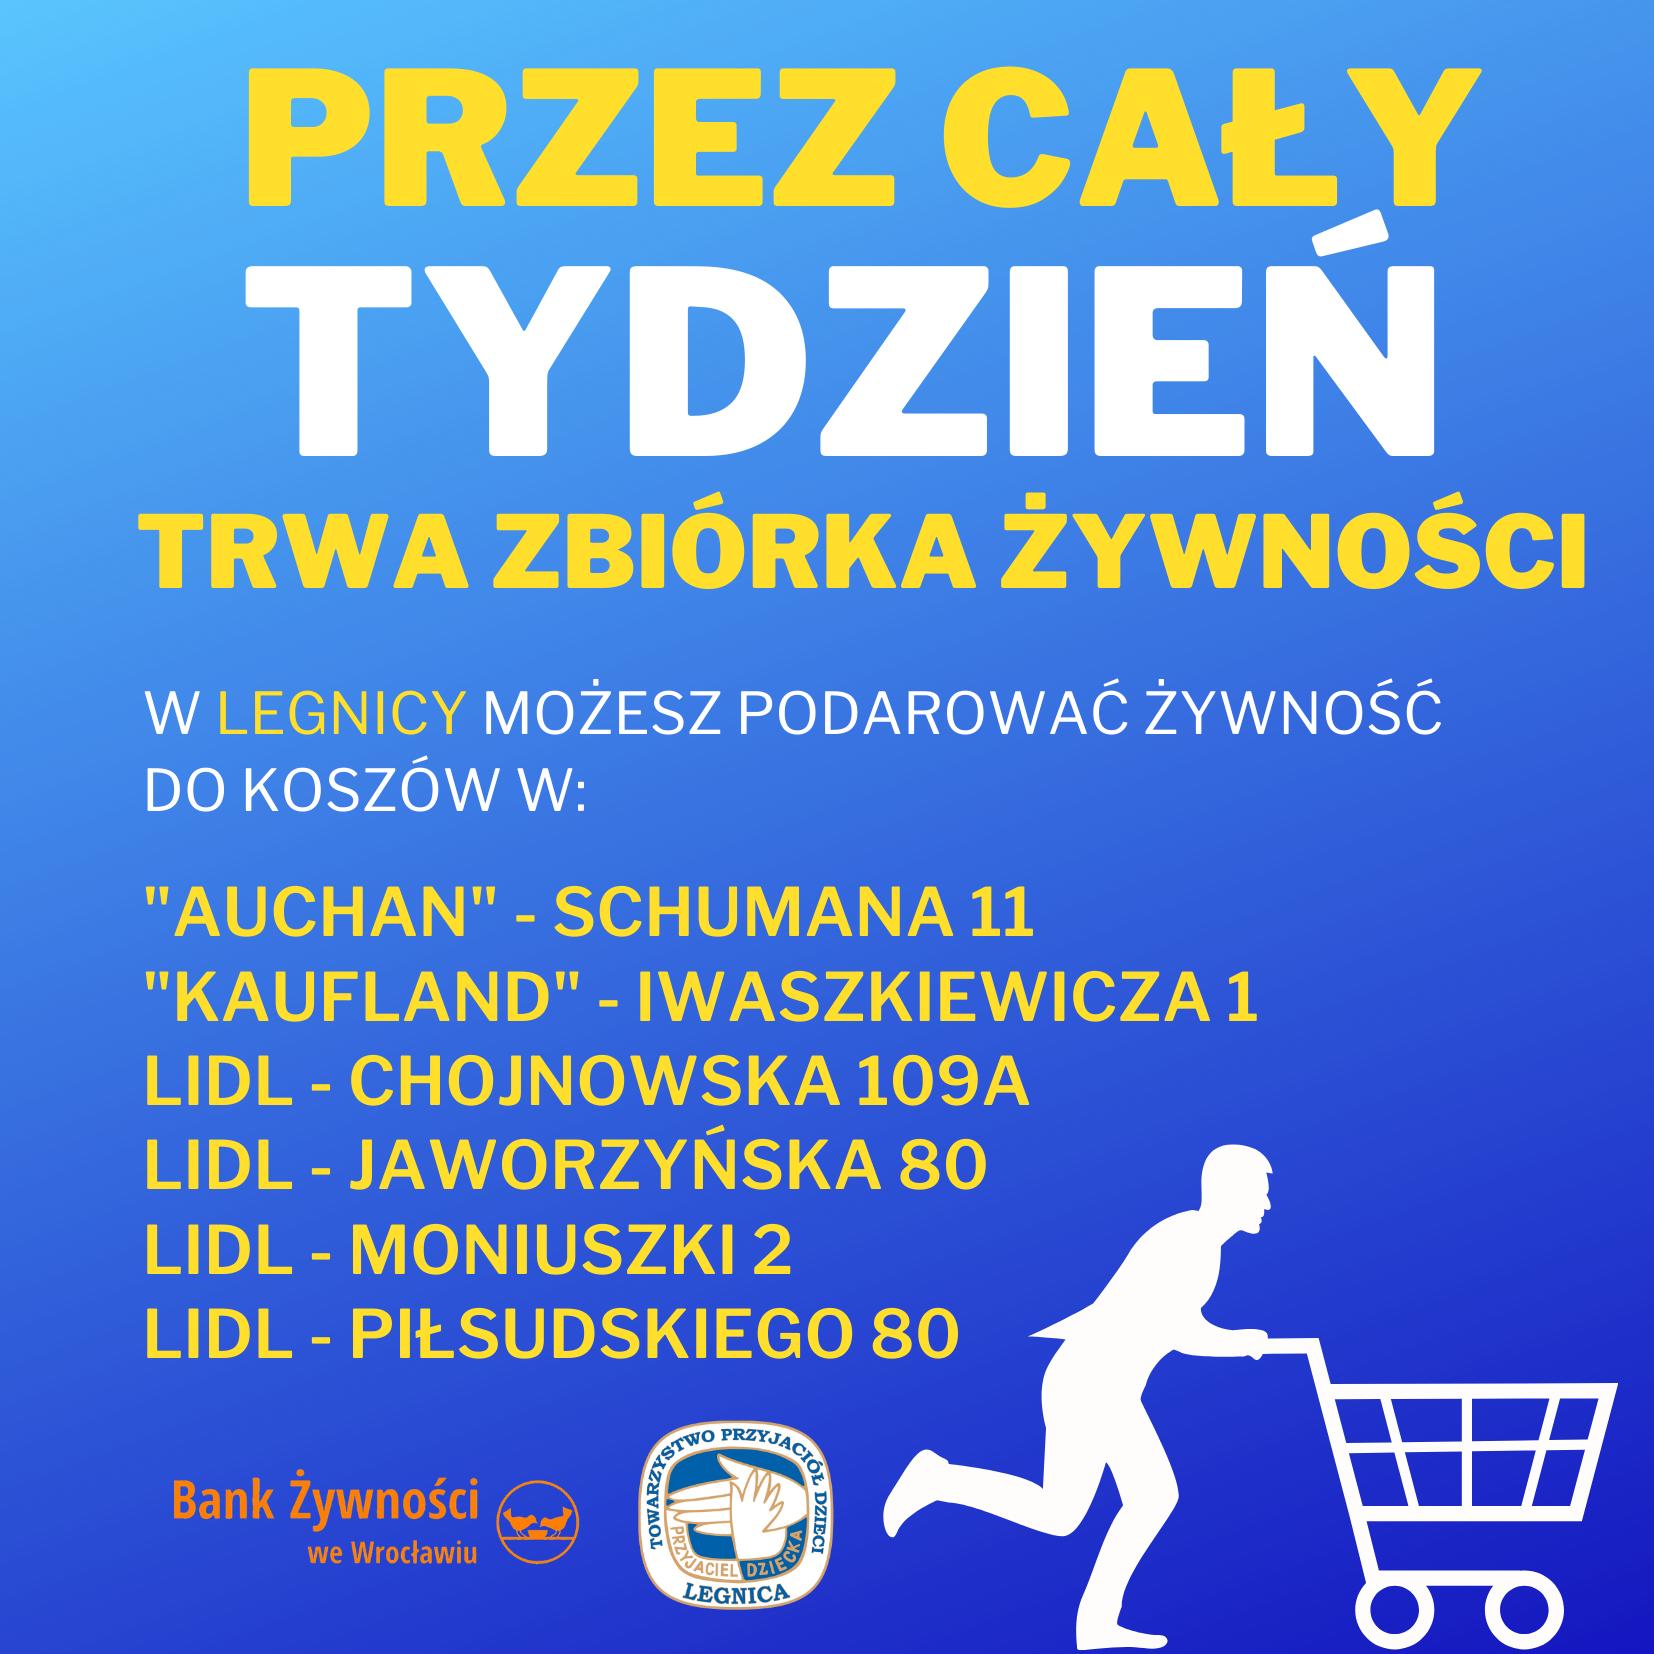 zbiorka_zywnosci-wykaz_sklepow2020